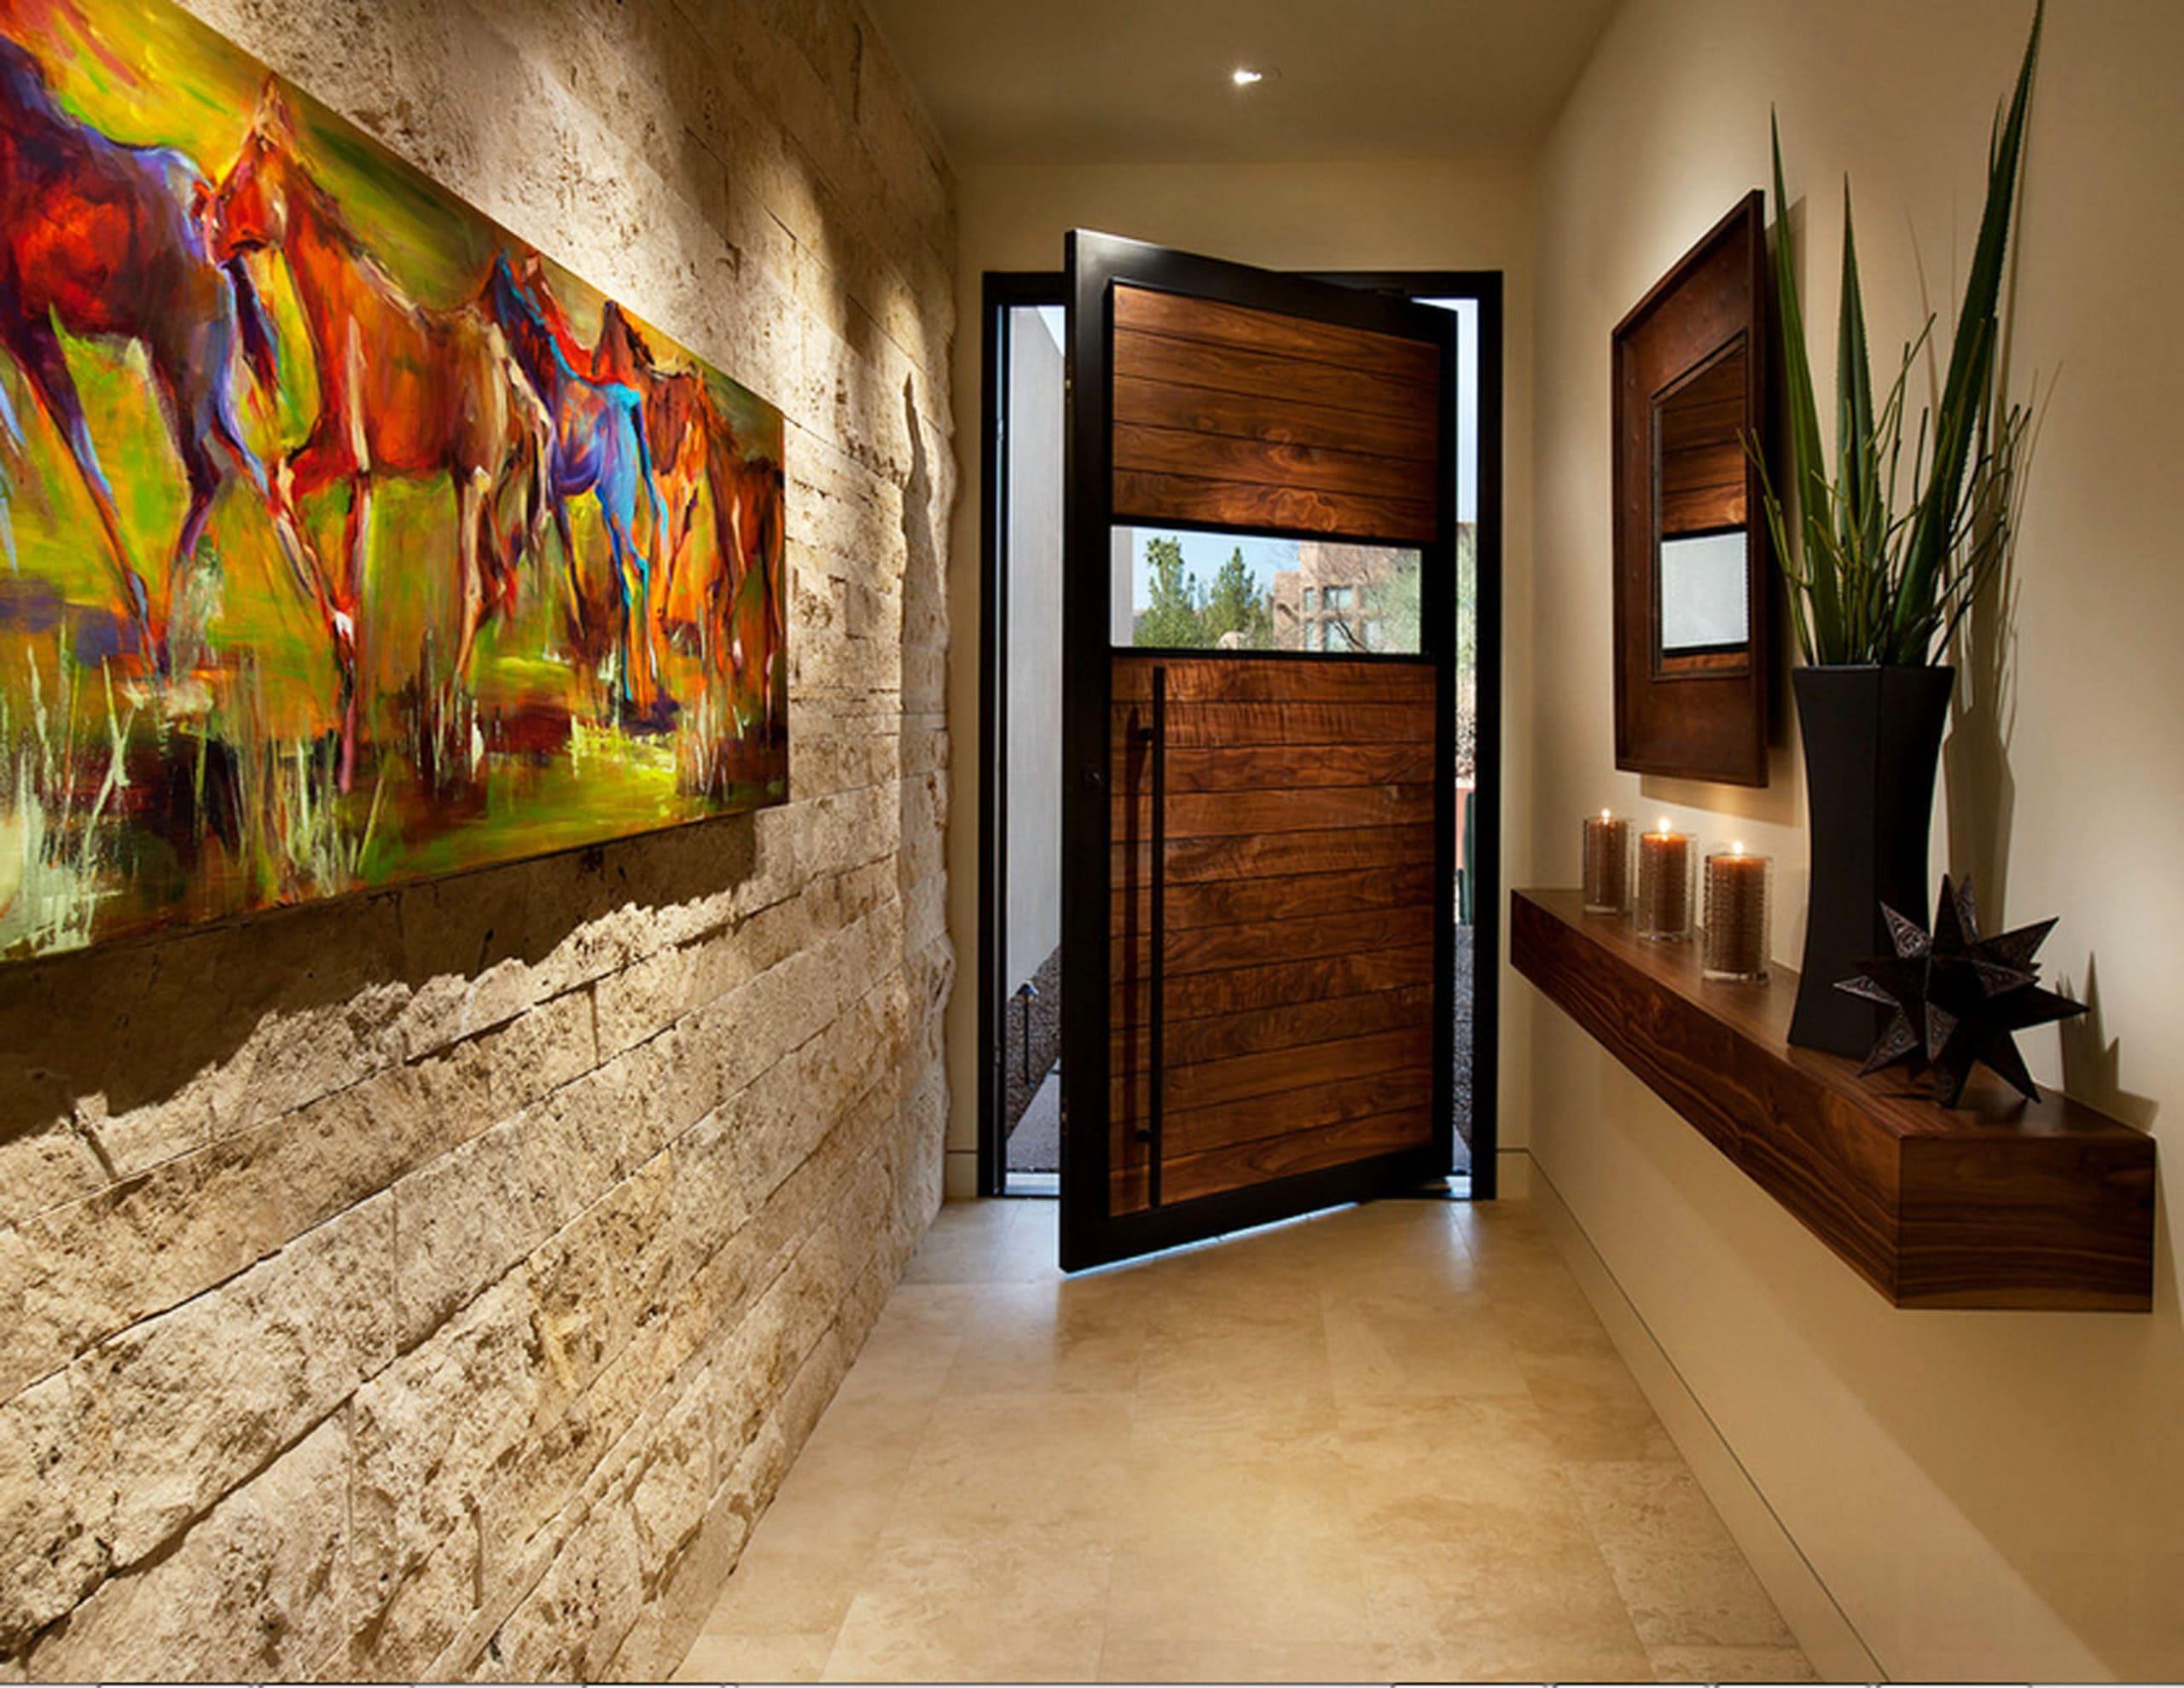 Варианты интерьера в прихожей - камень, ламинат, плитка, фреска 035